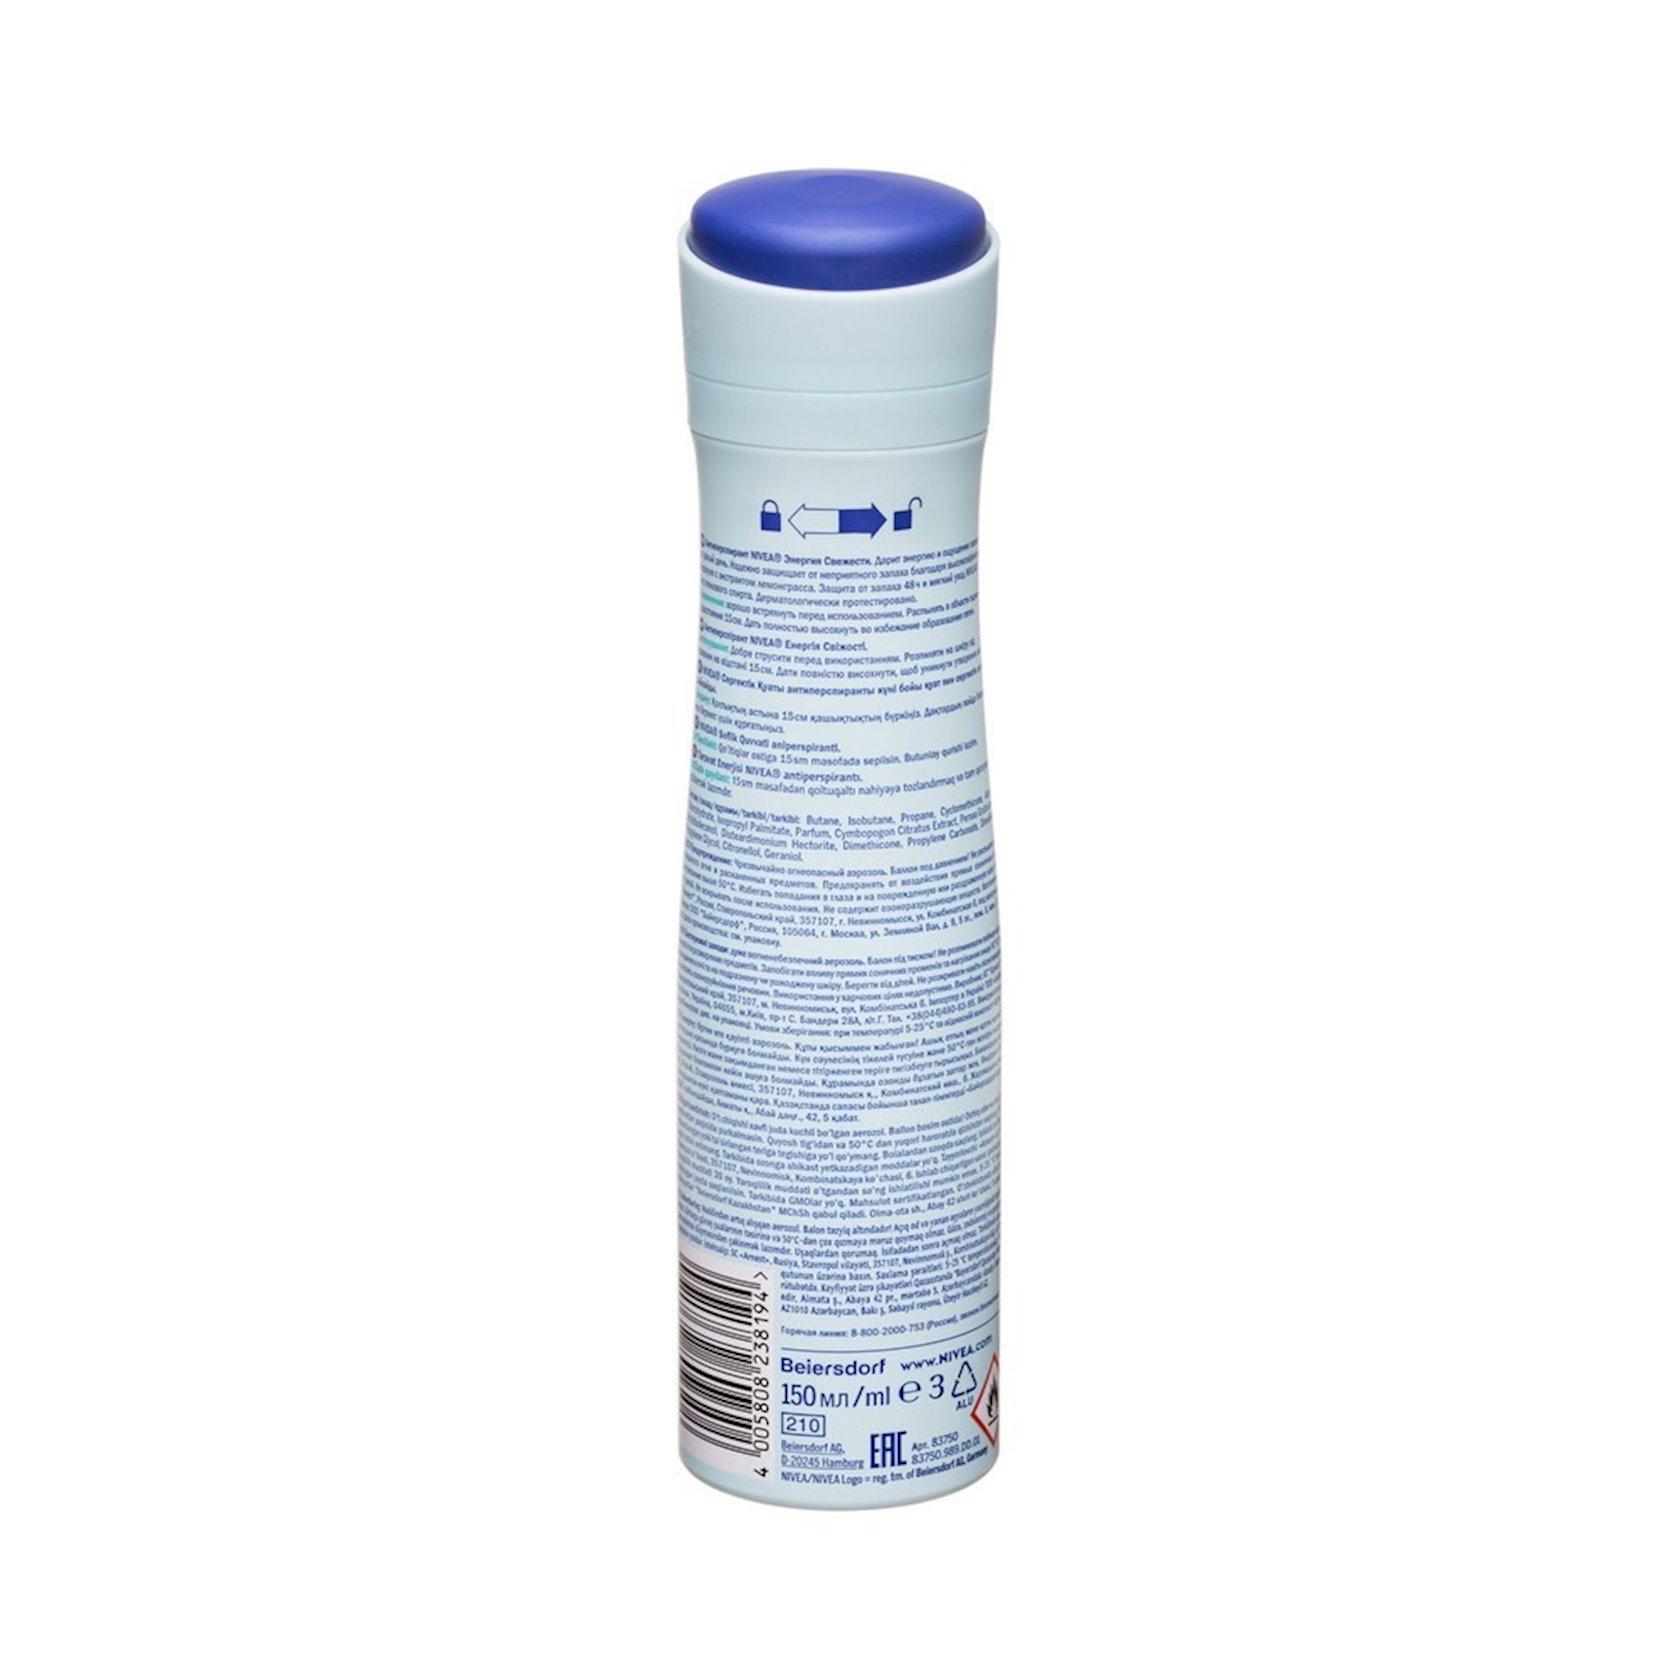 Dezodorant-antiperspirant Nivea Təravətin enerjisi lemonqras ekstraktı ilə 150 ml